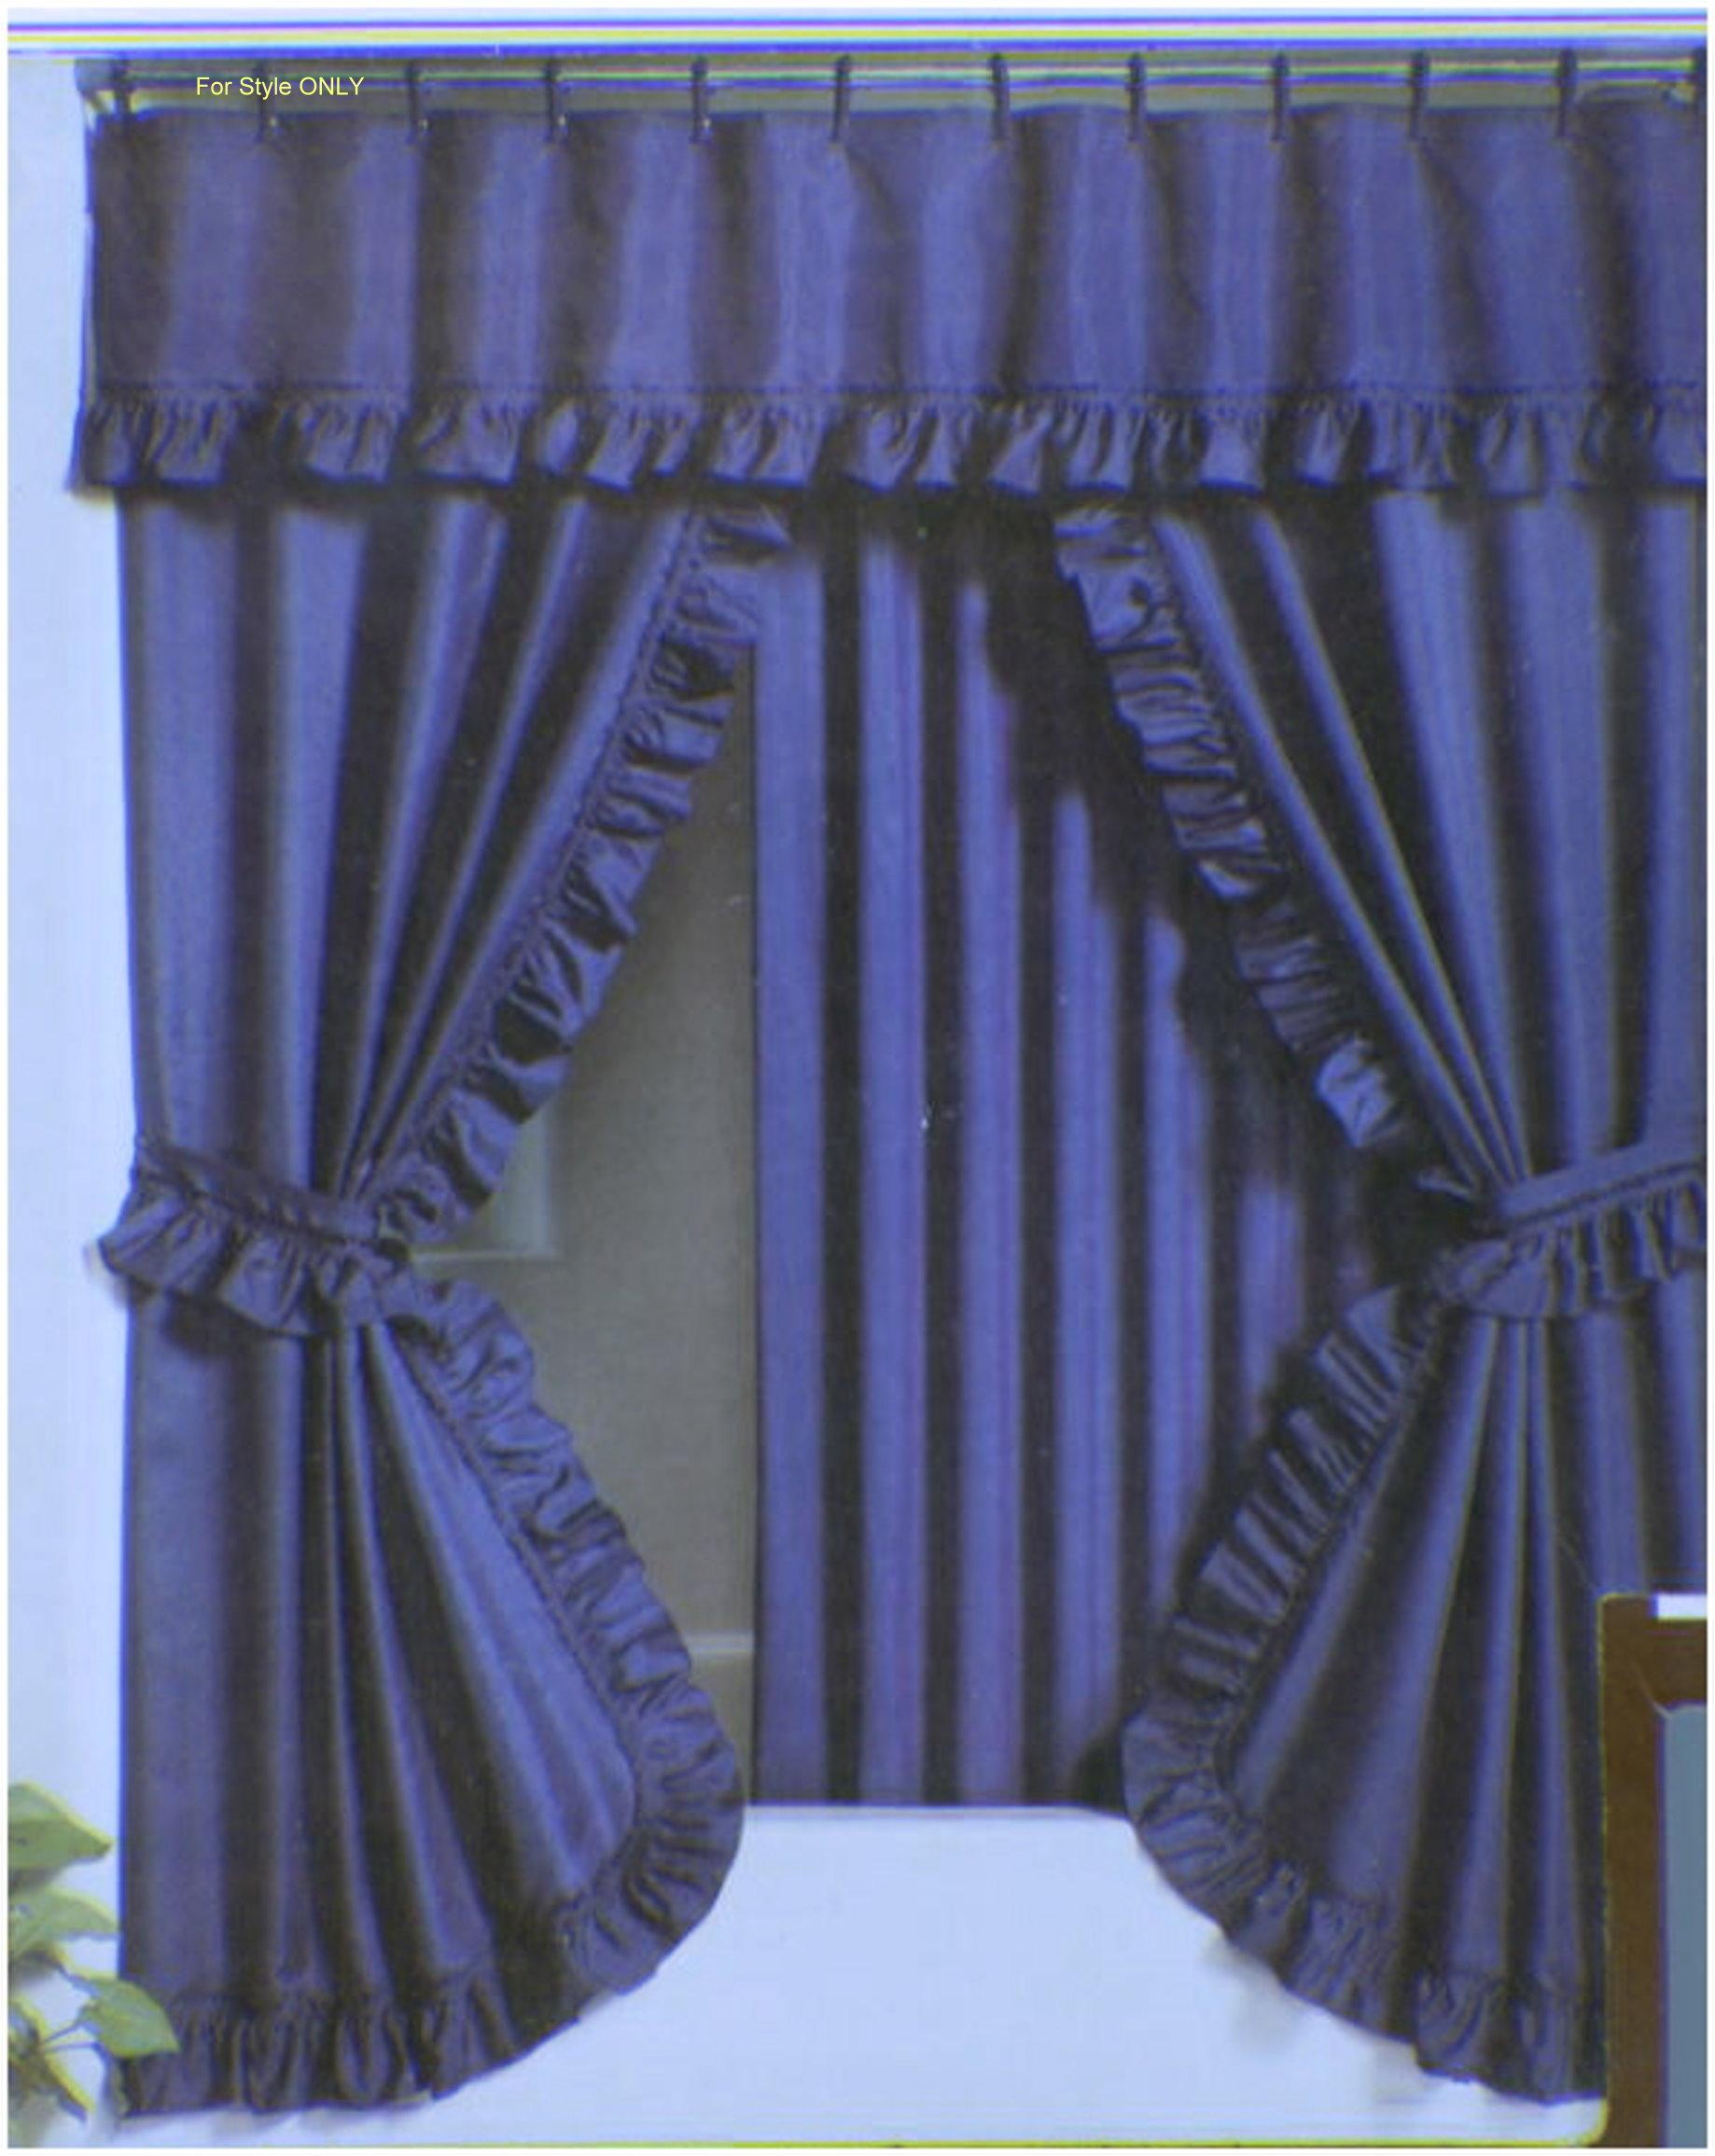 Splendor Double Swag Shower Curtain